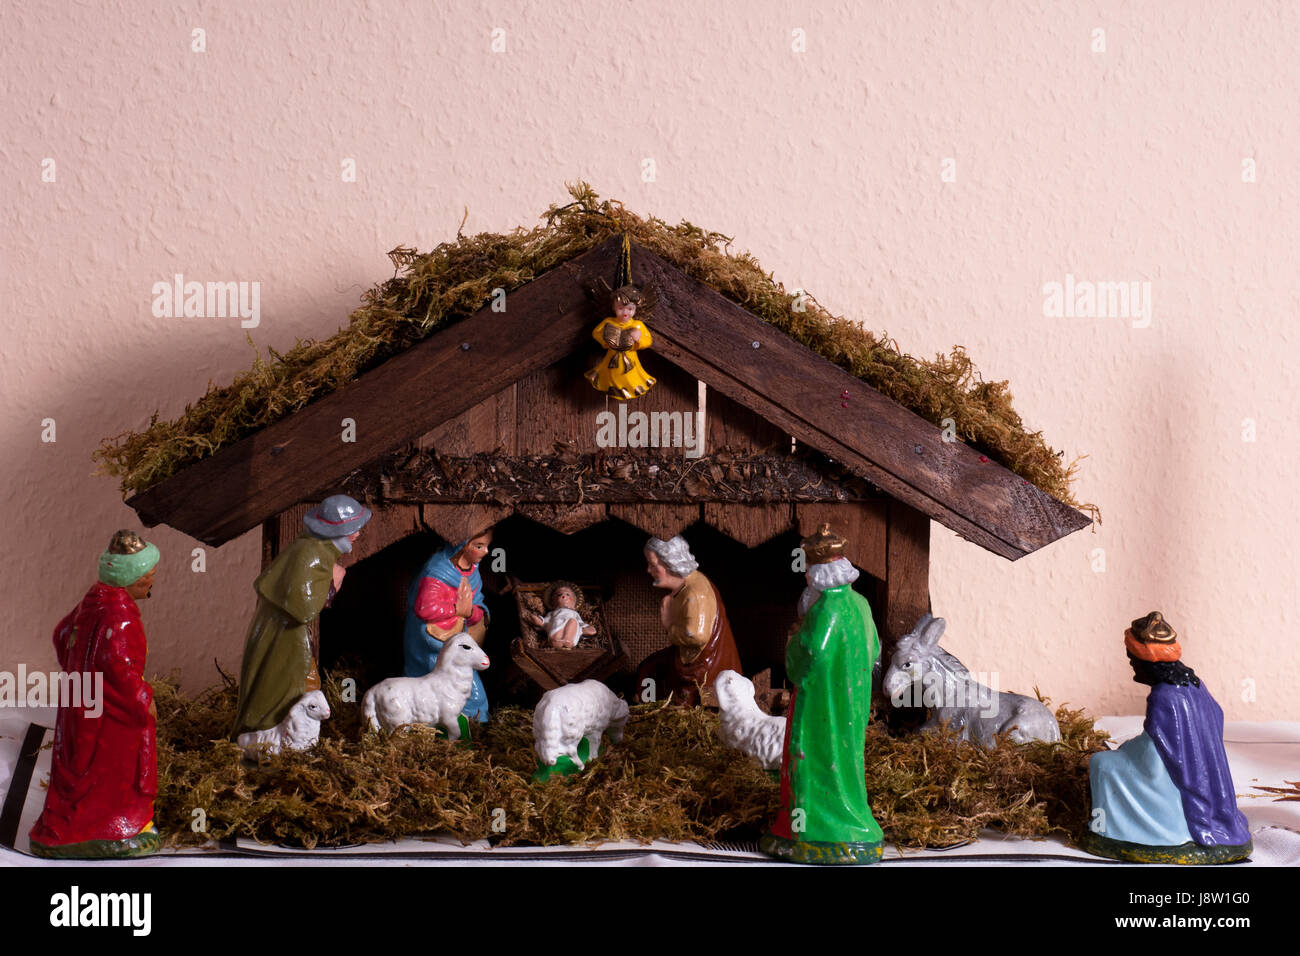 stabil, Esel, Christus, Krippe, Krippe, Stall, Weihnachten, Xmas, x ...